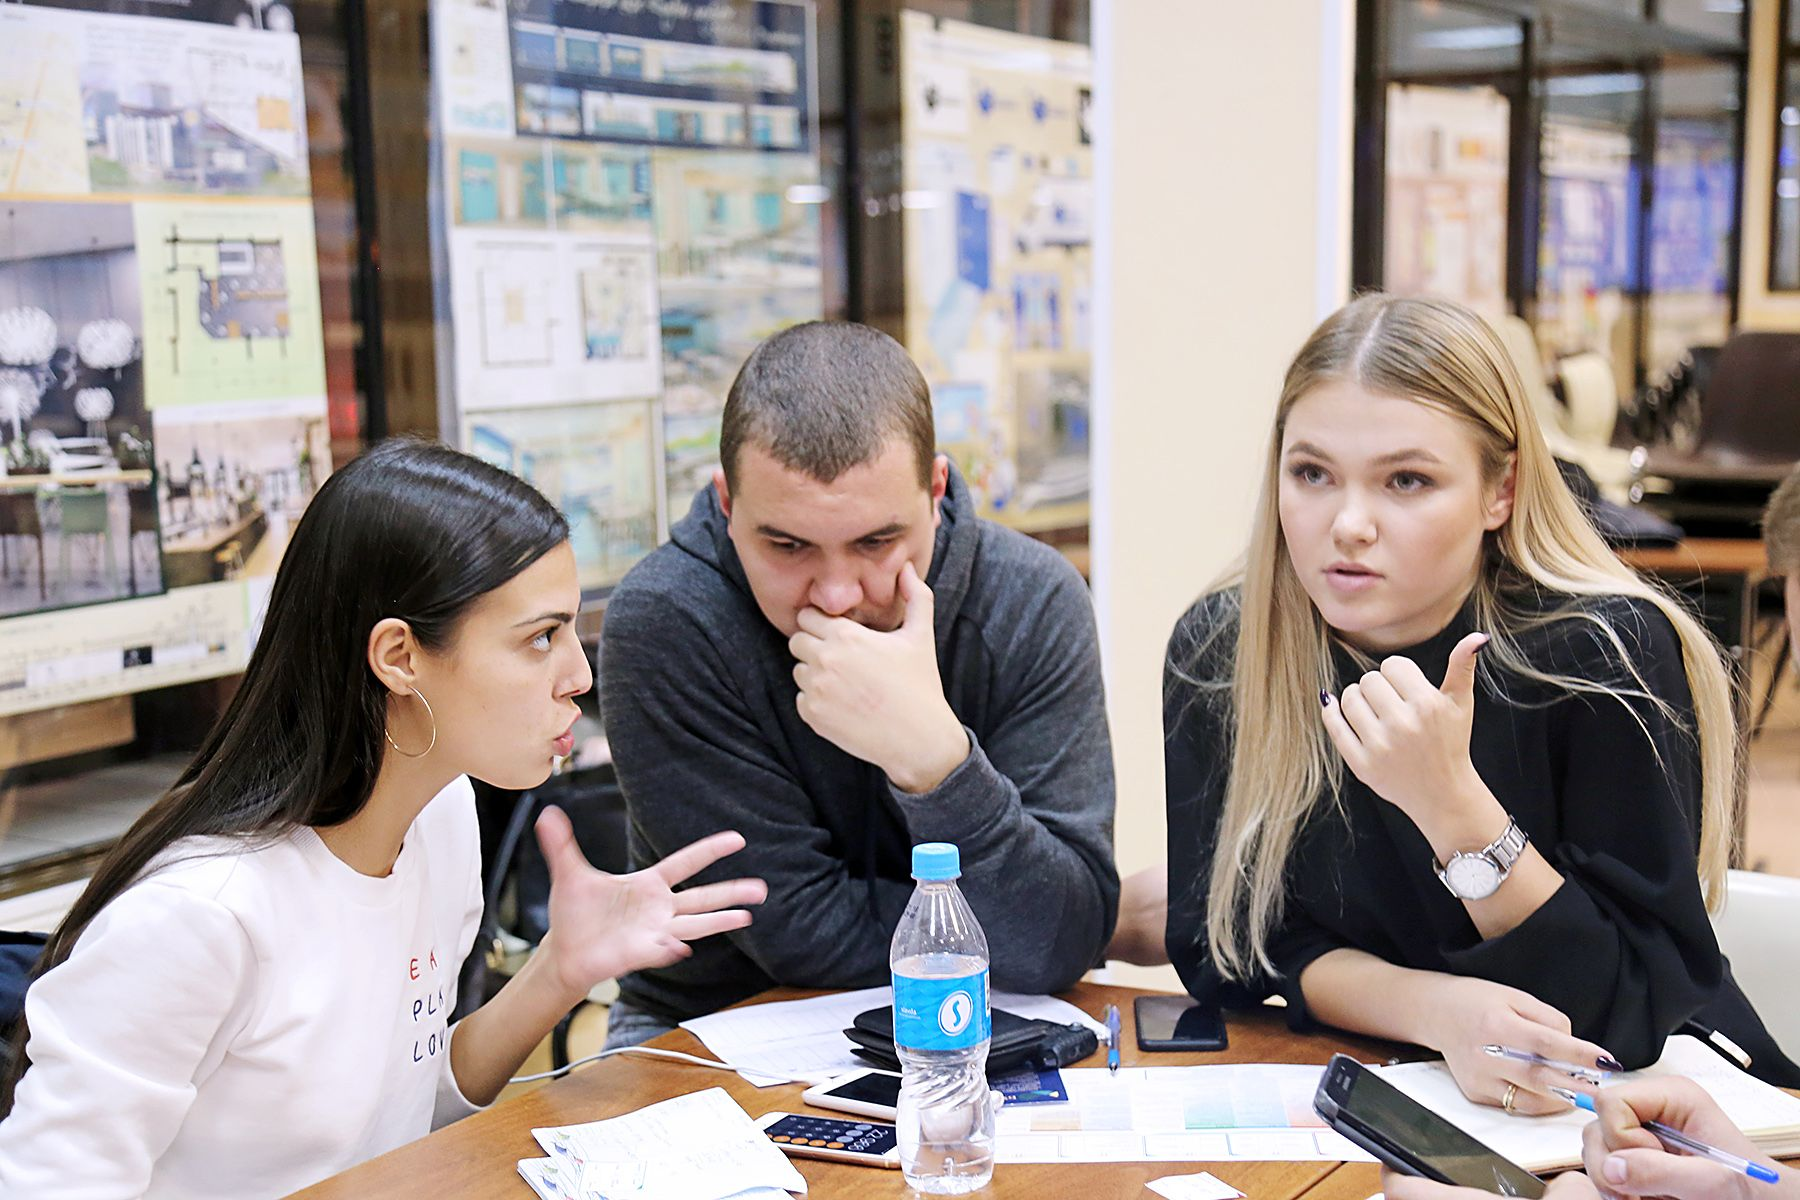 Обучающая бизнес-игра во ВГУЭС: командный дух и системное мышление